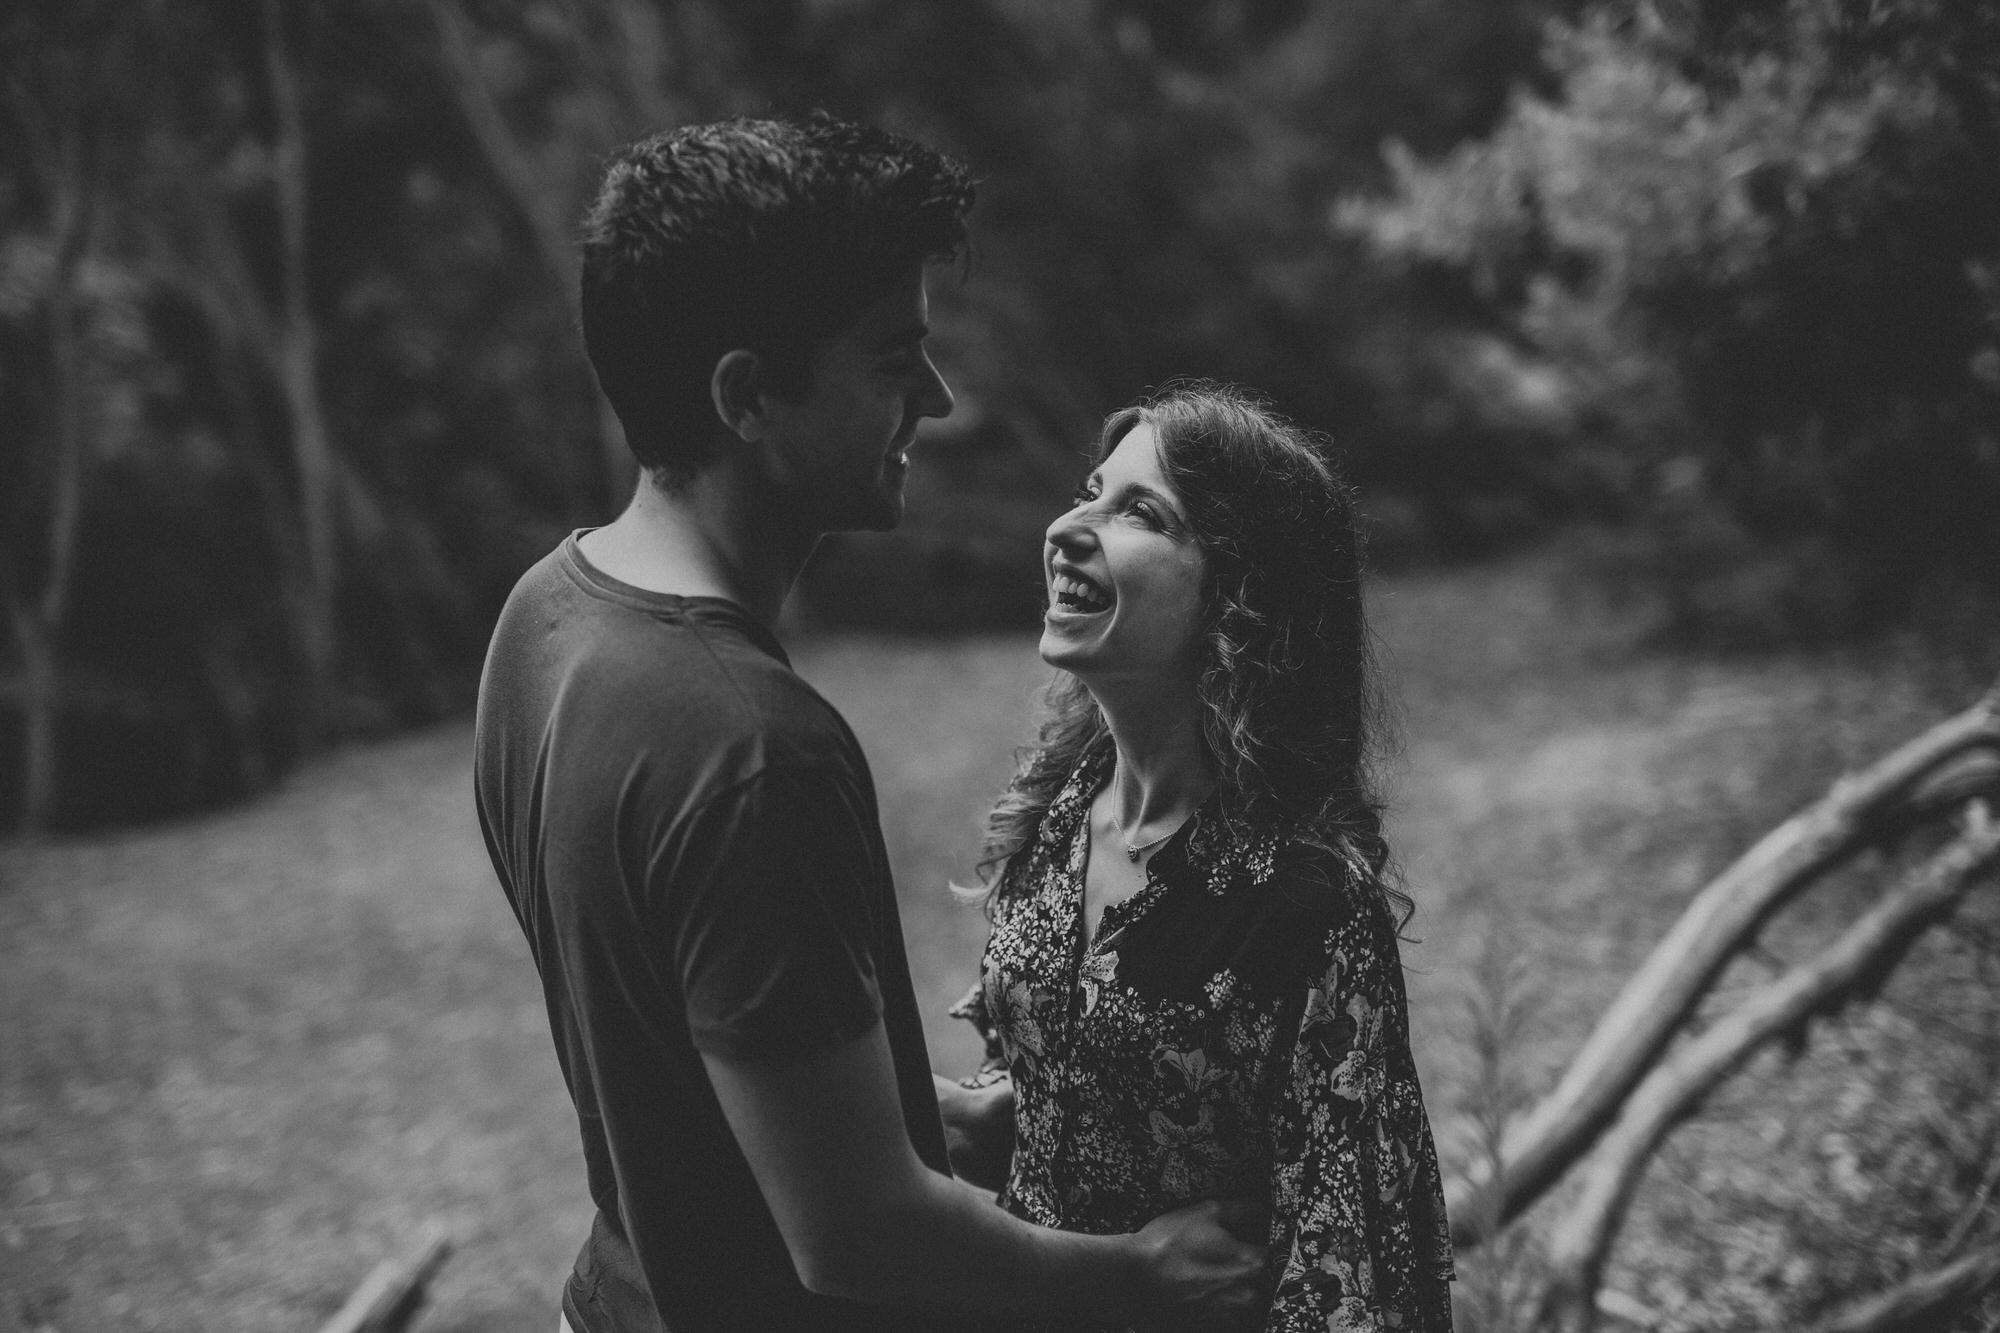 1 filipe_santiago_fotografia_sessão de casamento_love session_engagement_sintra_Santuario da Peninha_nevoeiro_fotografo_Lisboa_Weddin Photographer_Portugal_best_natural_near_couple-big smile-sorriso-noiva